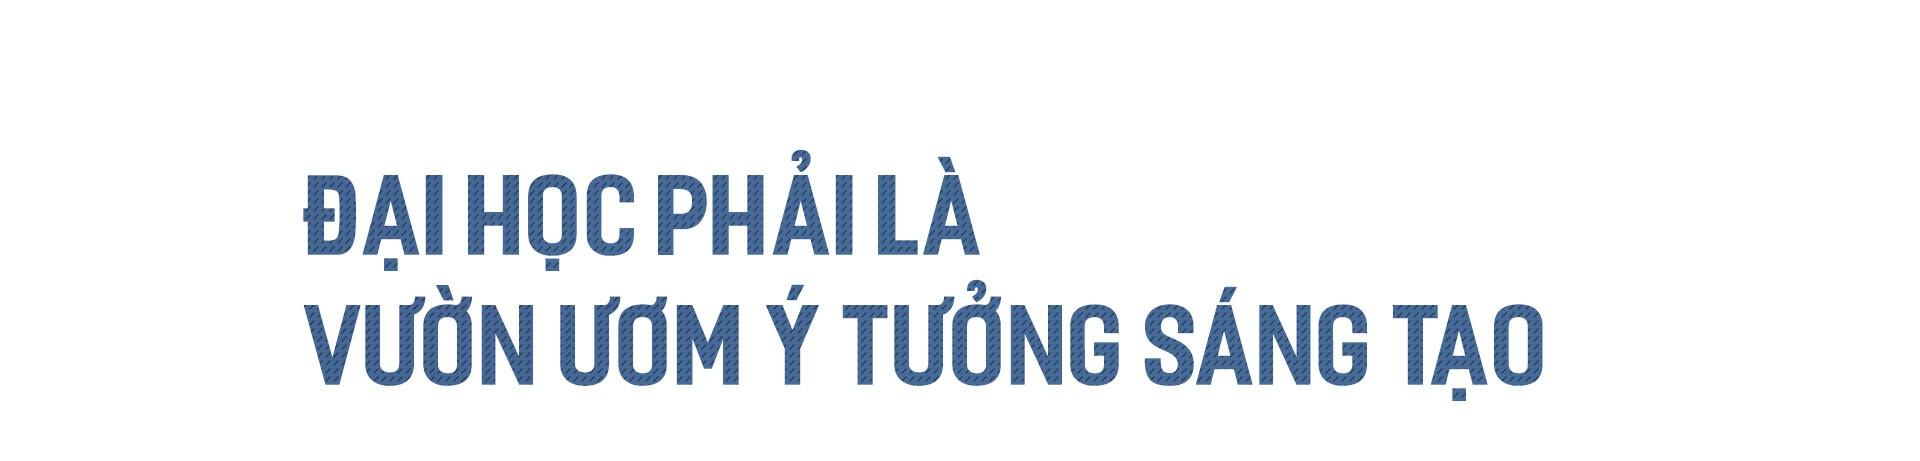 GS Võ Văn Tới: Về nước vì sinh viên Việt Nam thất bại - Ảnh 9.